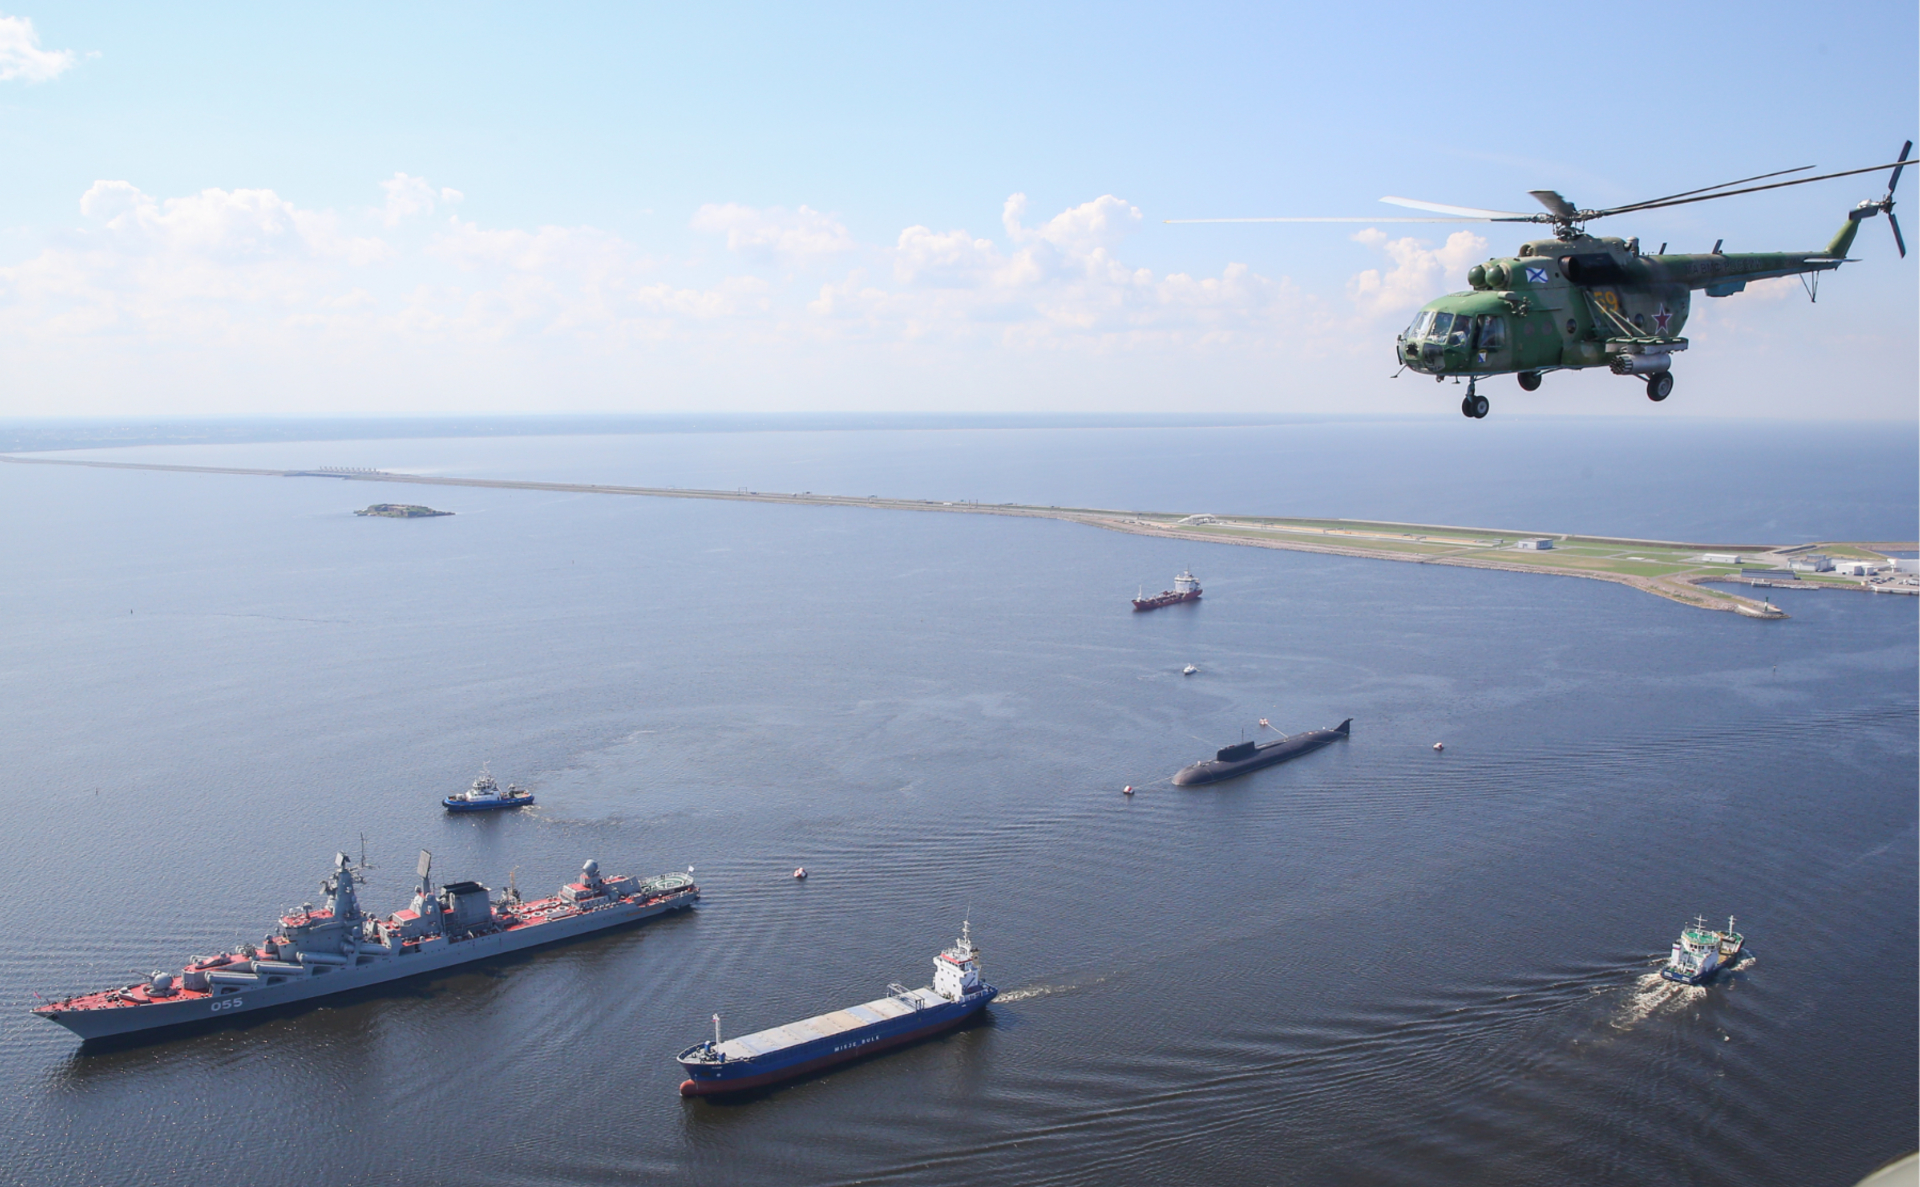 Флагман группировки кораблей у берегов Сирии — ракетный крейсер «Маршал Устинов» (слева) во время репетиции парада ВМФ в Санкт-Петербурге в 2018 году